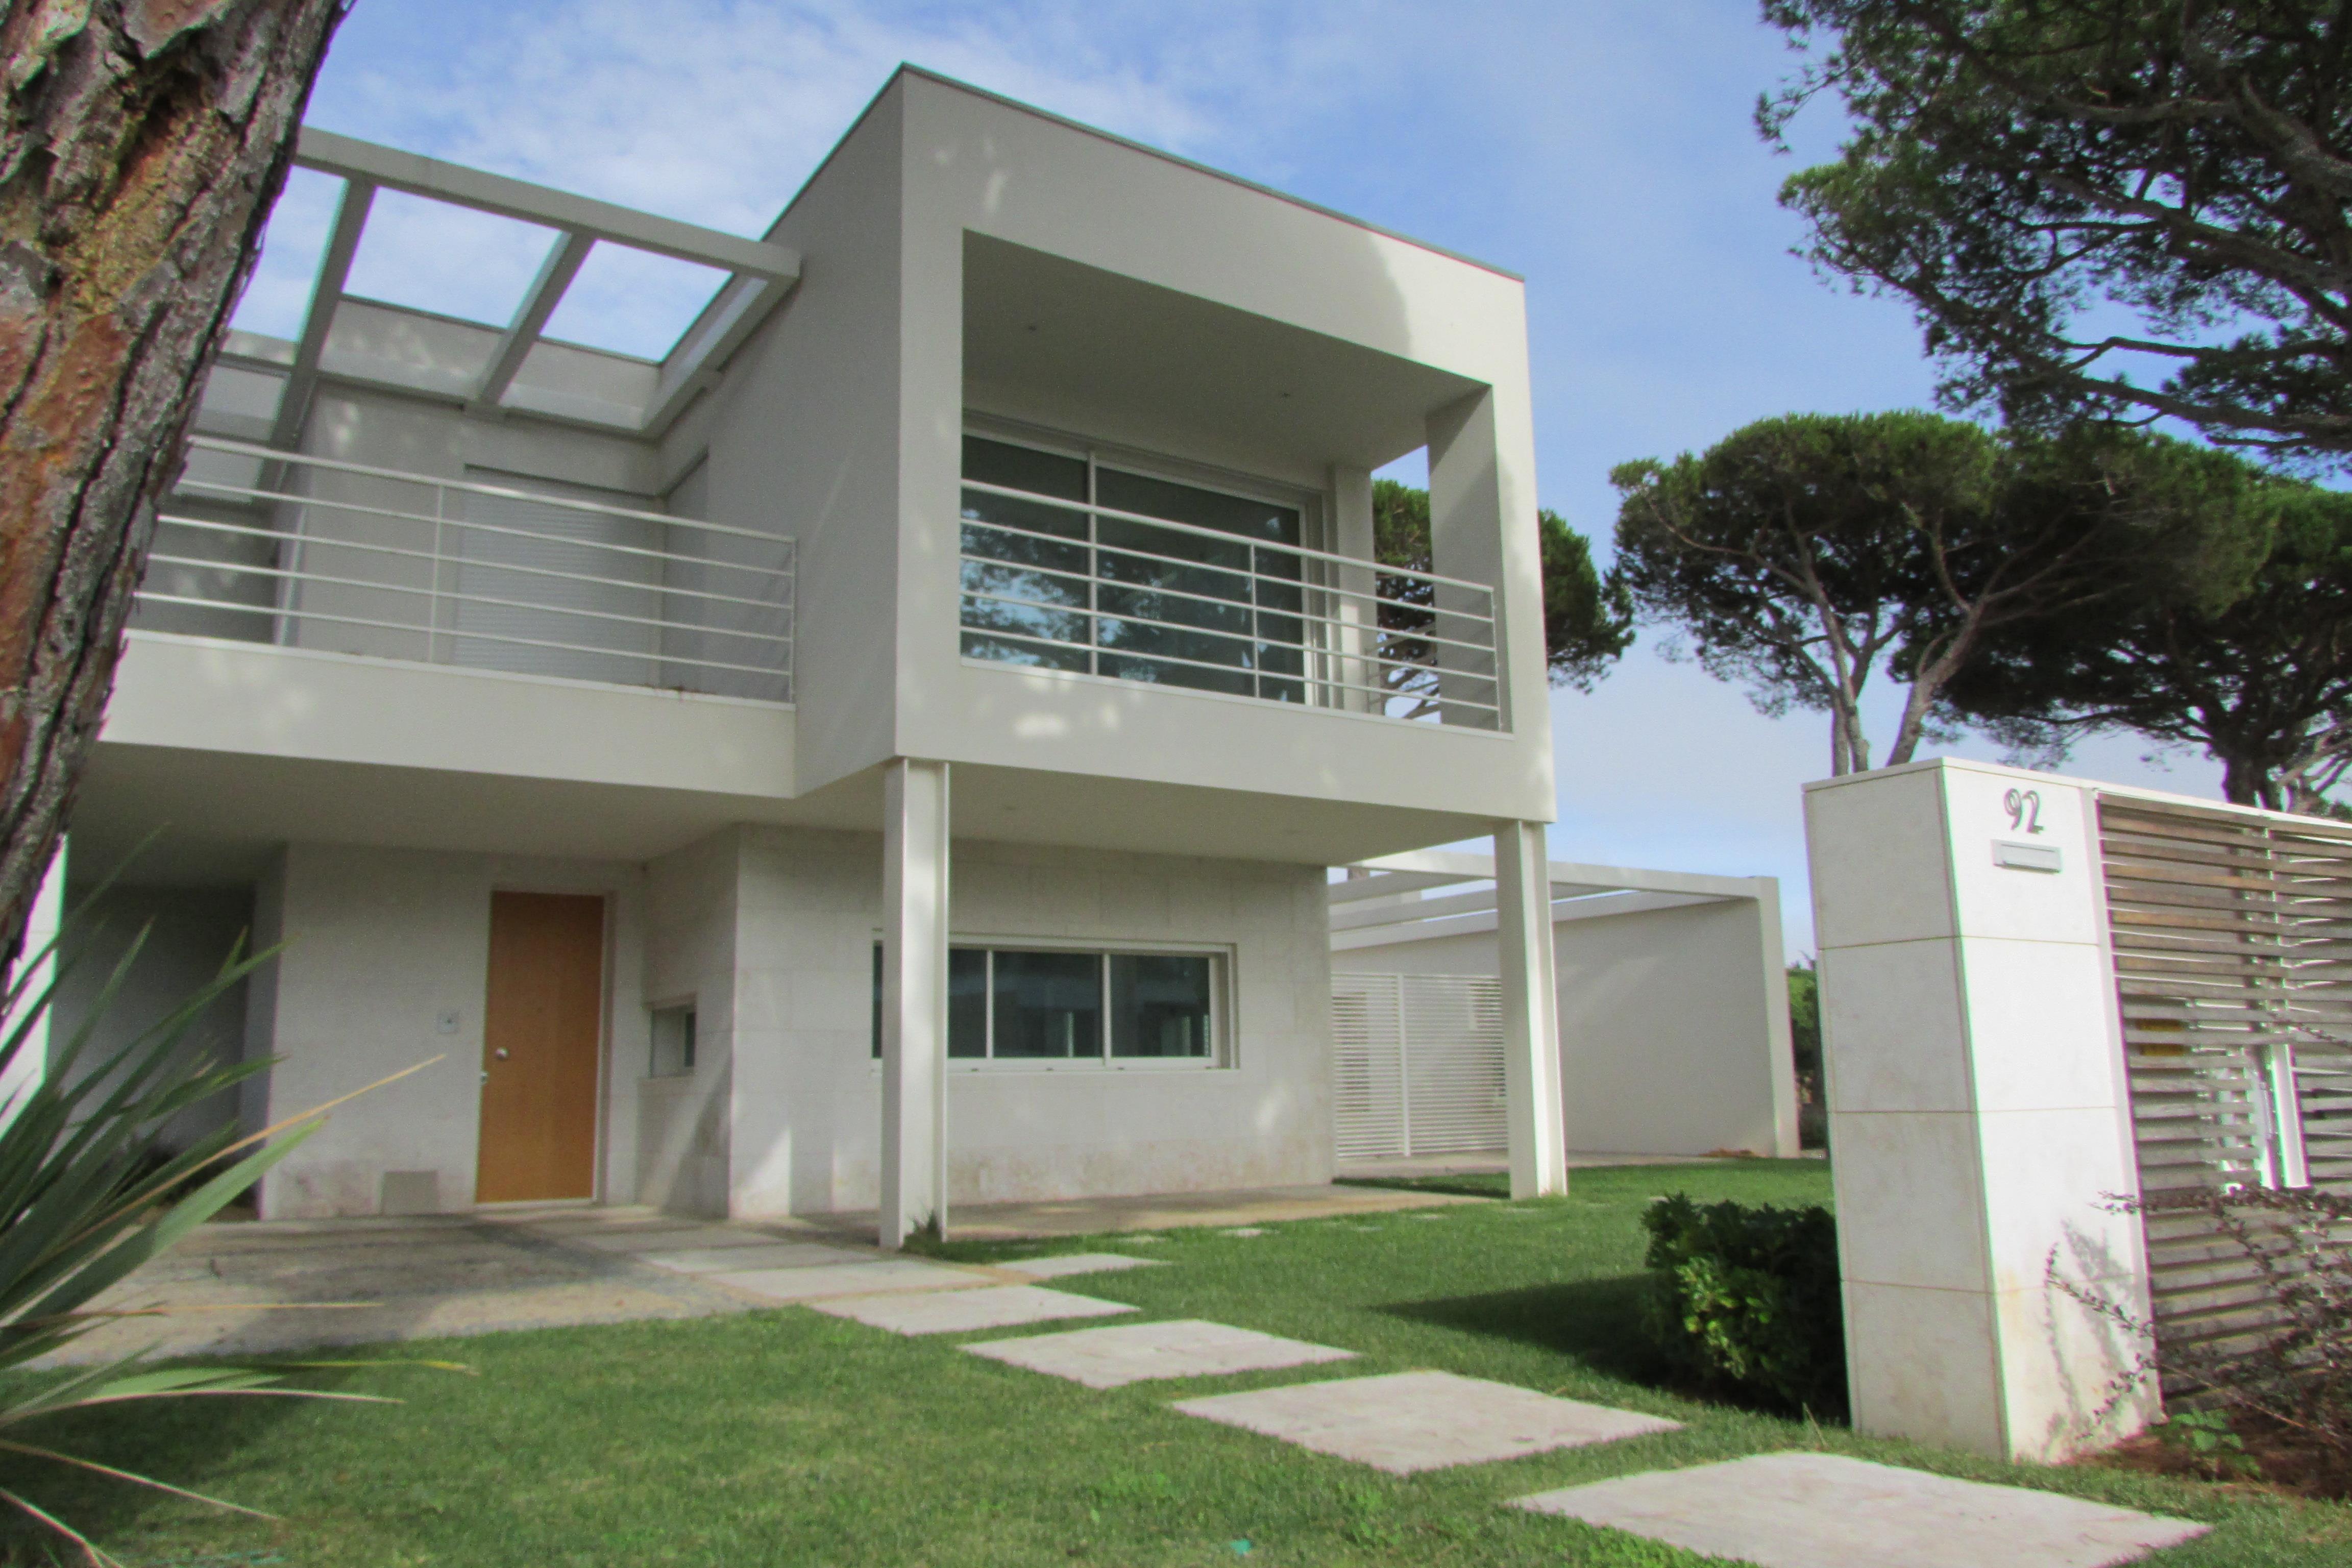 Maison unifamiliale pour l Vente à House, 2 bedrooms, for Sale Cascais, Lisbonne 2750- Portugal